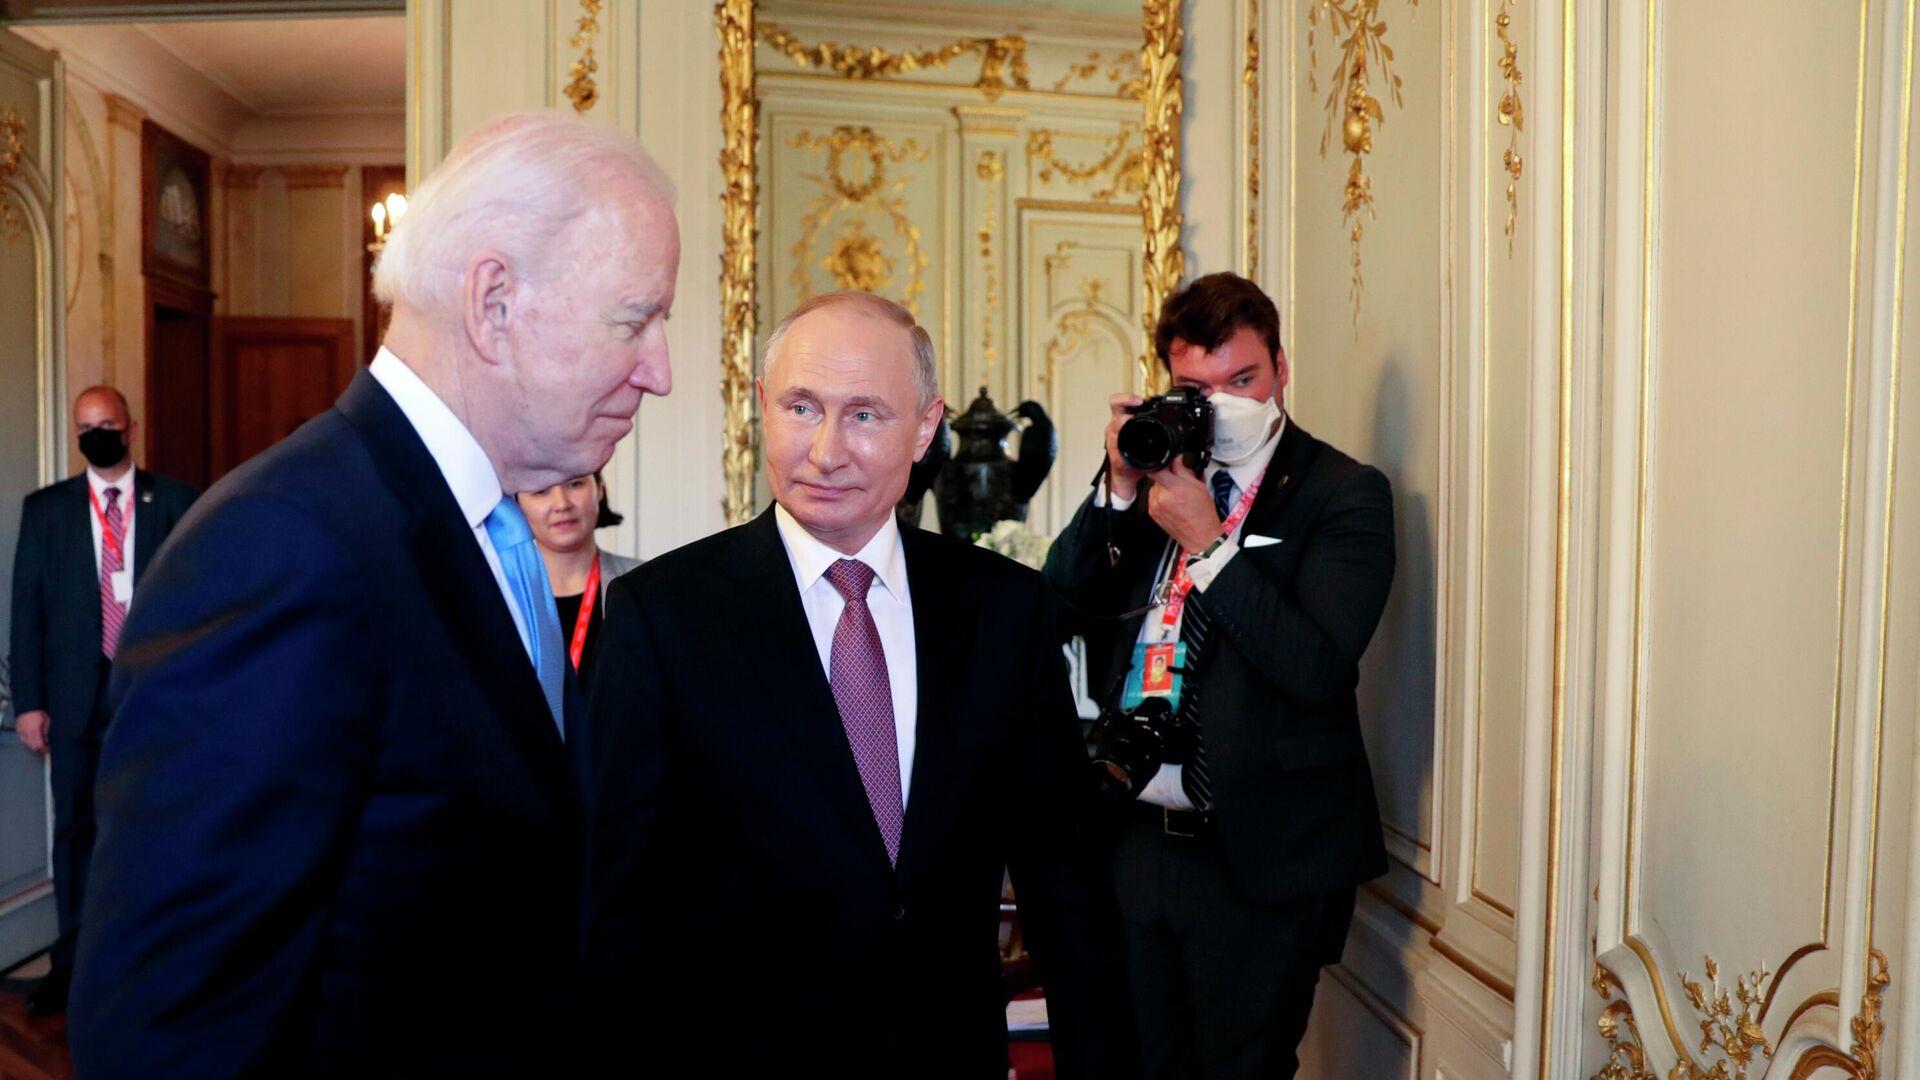 Президент РФ Владимир Путин и президент США Джо Байден перед началом российско-американских переговоров на вилле Ла Гранж в Женеве - РИА Новости, 1920, 17.06.2021